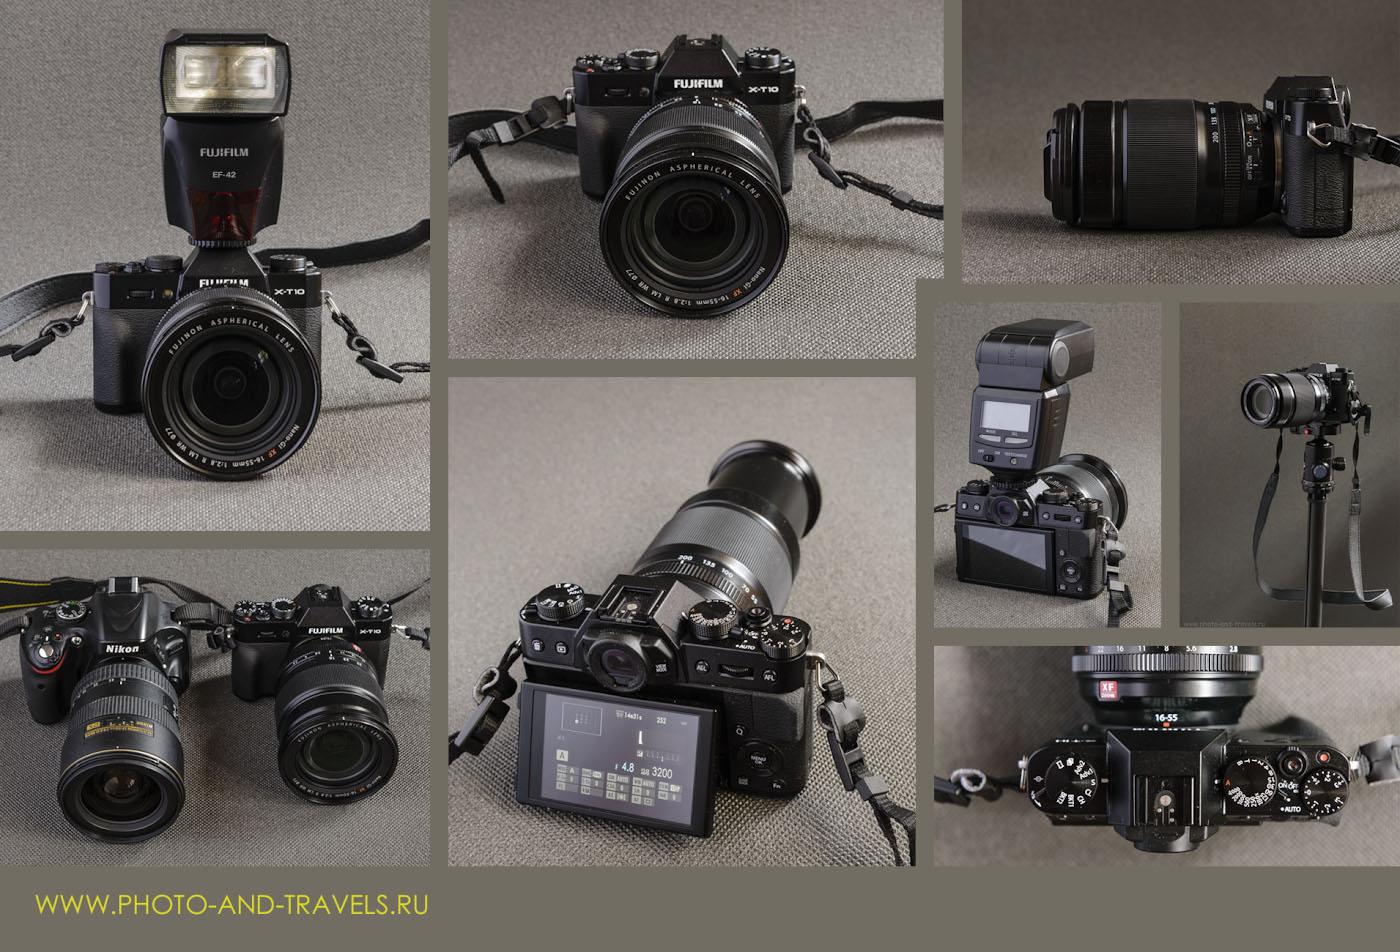 Фото 1. Внешний вид системной компактной камеры Fujifilm X-T10 со светосильным портретником Fujinon 16-50mm f/2.8 и с тёмным телеобъективом Fujifilm 55-200mm f/3.5-4.8, внешней вспышкой FujifilmEF-42, на штативе Sirui T-2204X с головкой G-20KX.